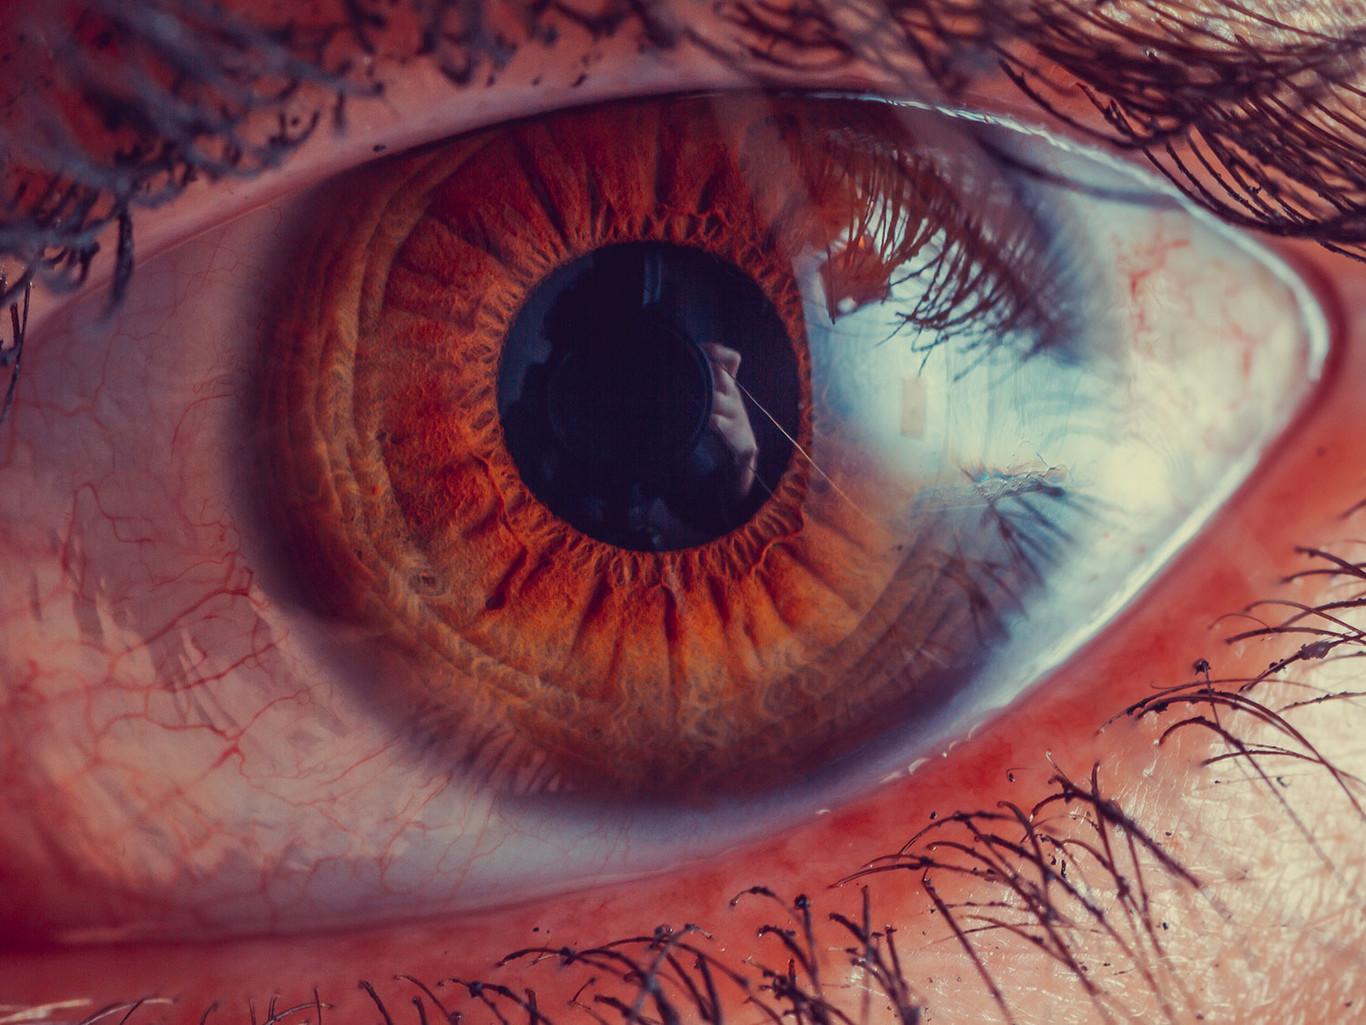 Ejercicios y consejos para cuidar nuestros ojos y mantener una visión óptima como fotógrafos